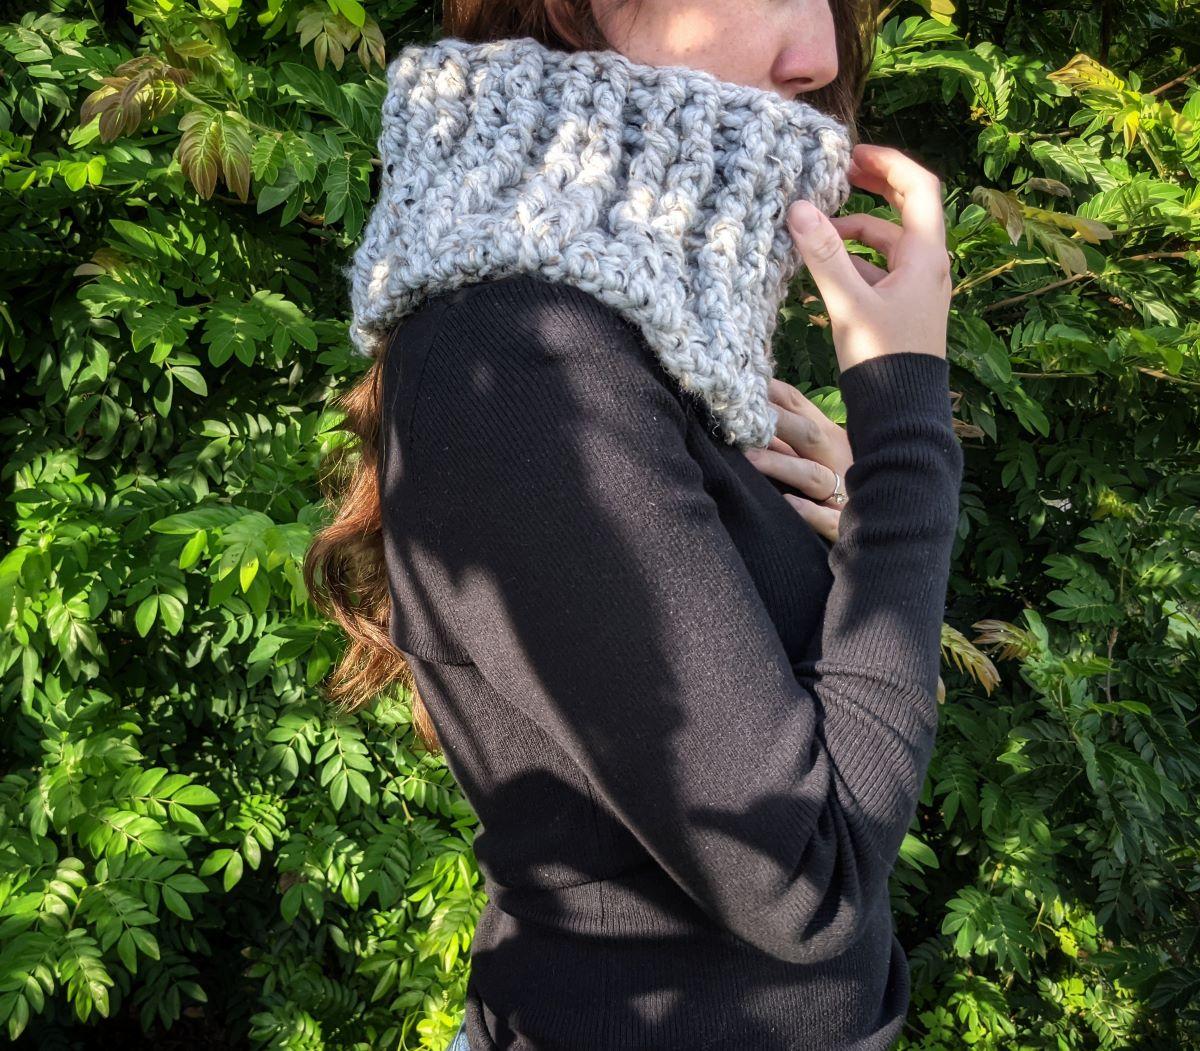 model is wearing a grey crochet cowl